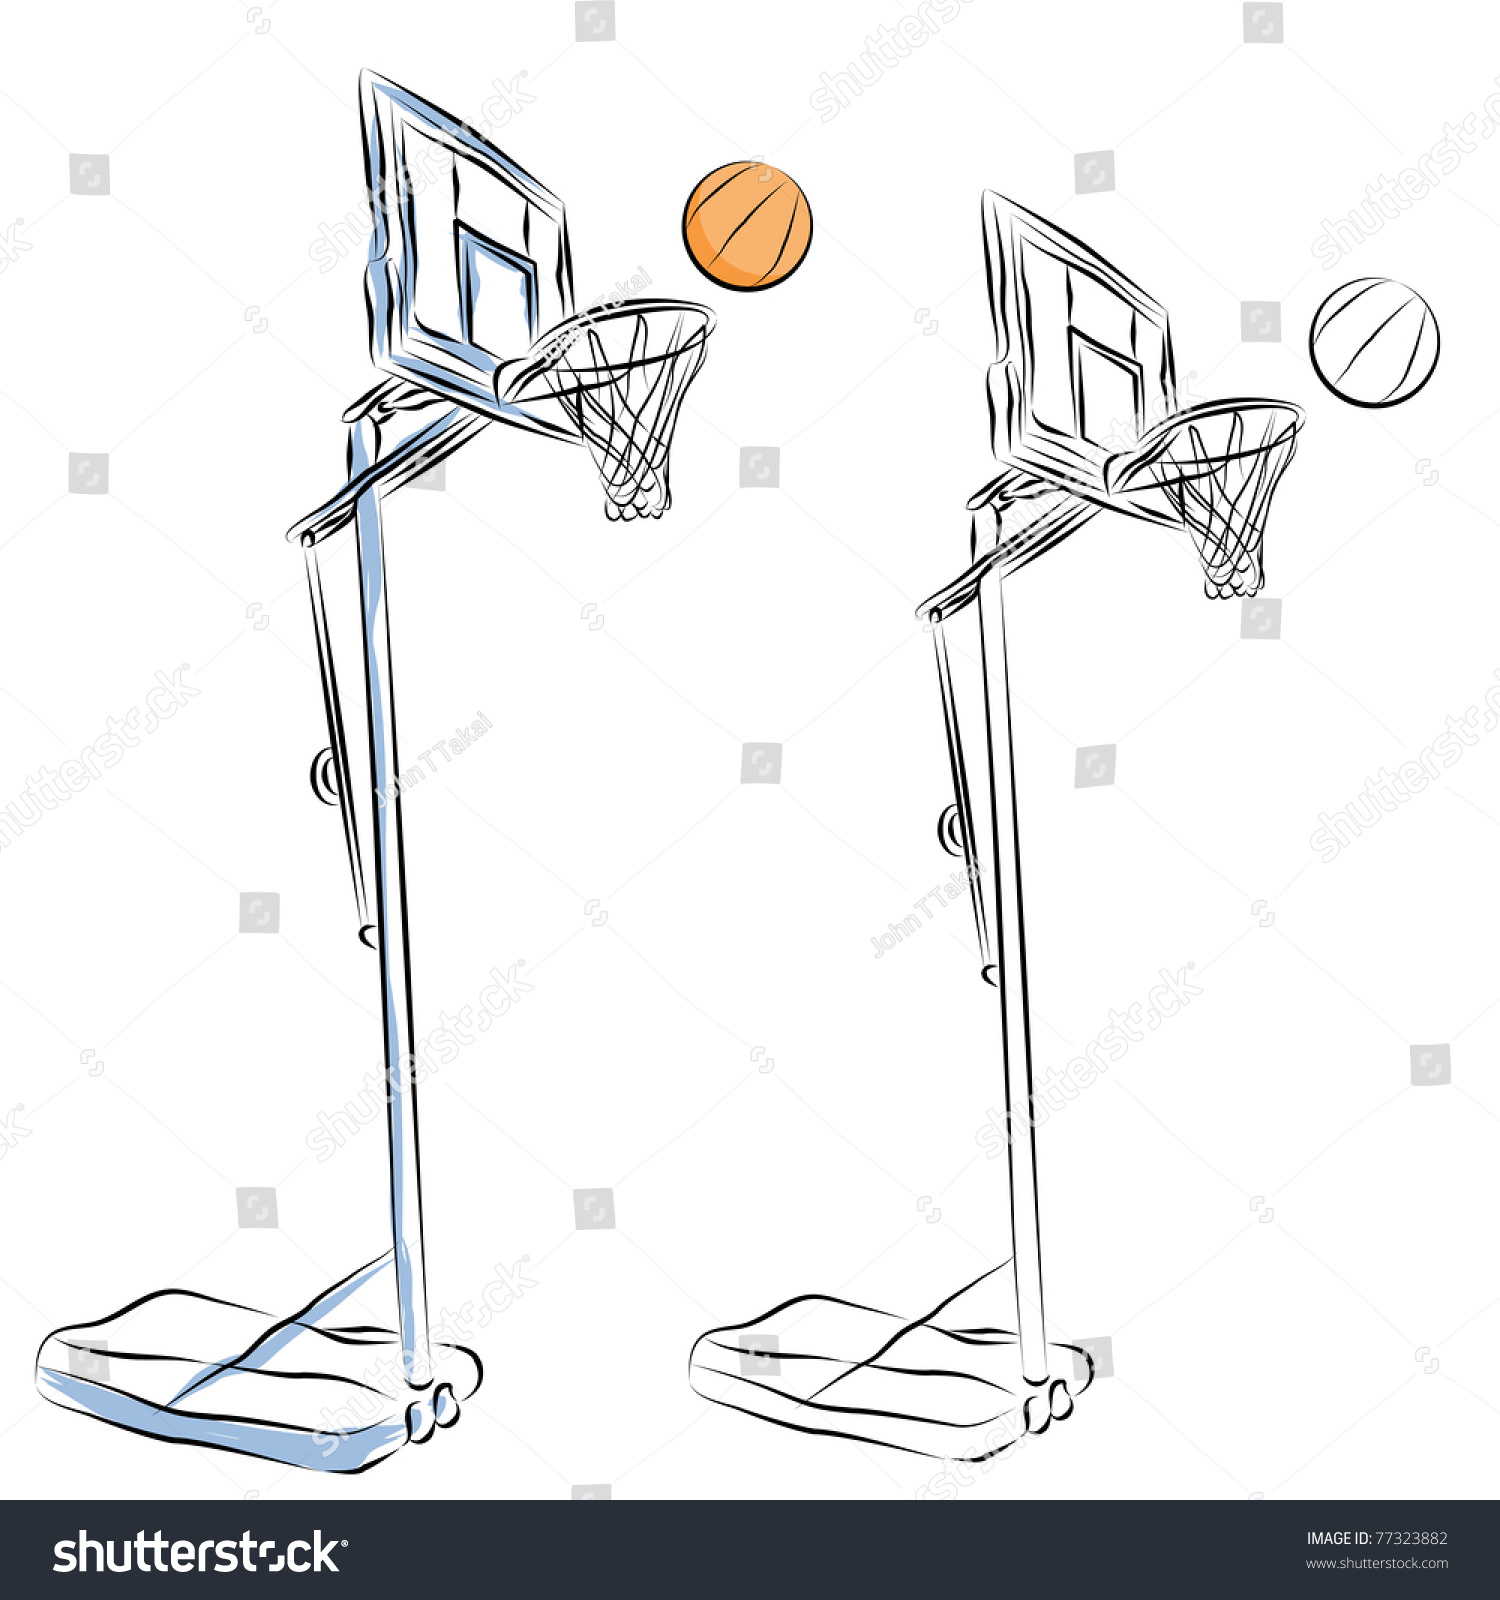 Line Art Basketball : Image basketball hoop stand line drawing stock